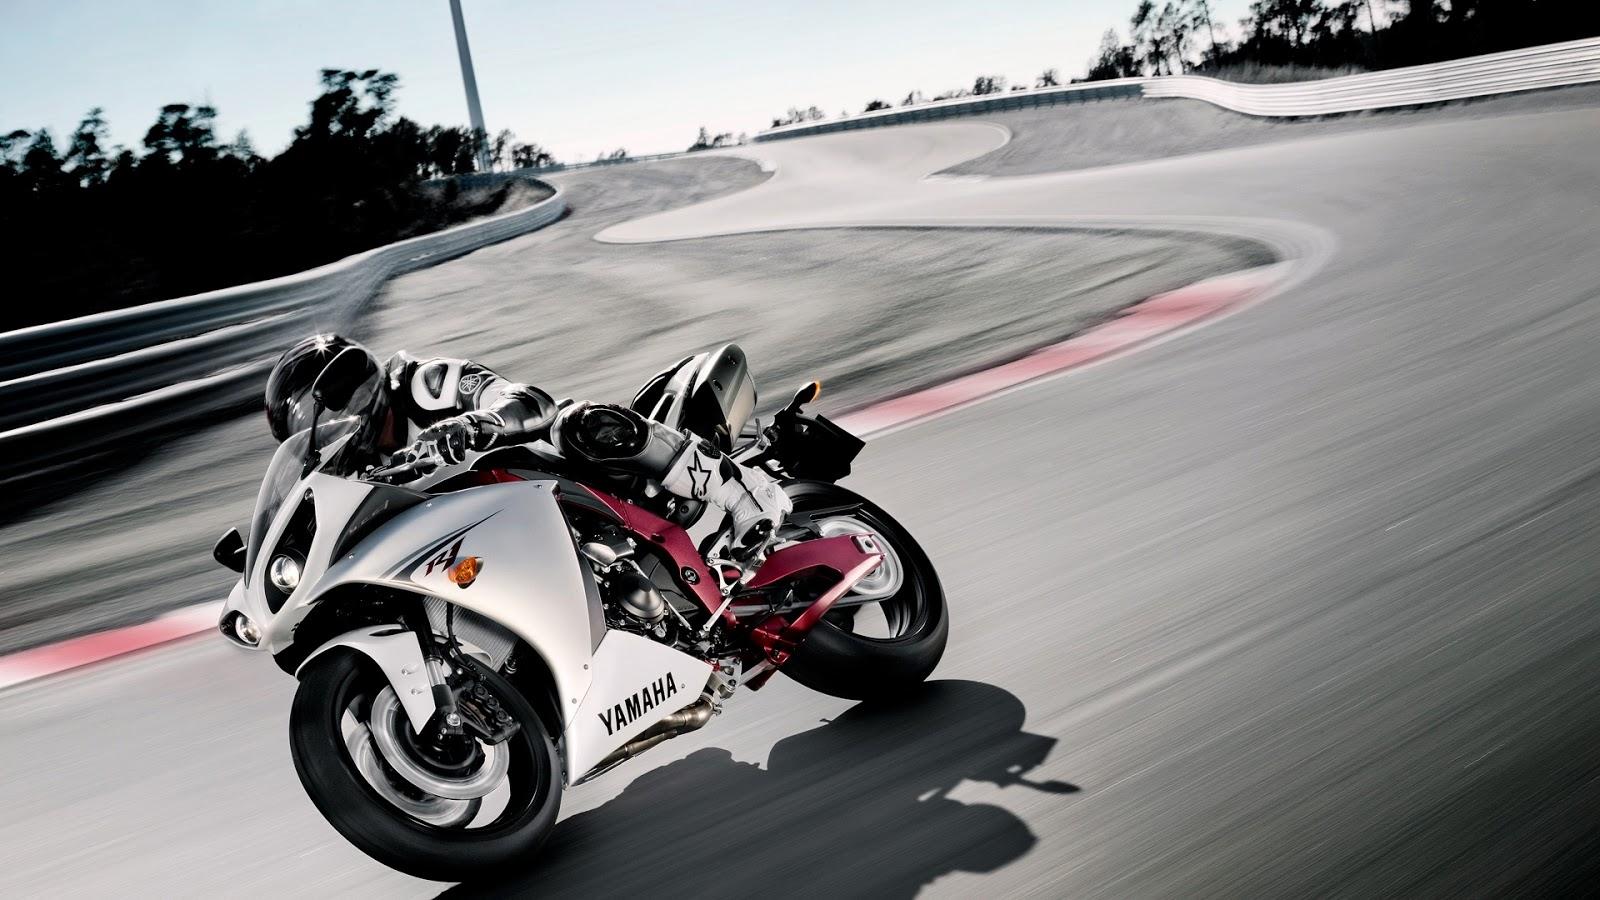 Hd wallpaper yamaha bike - Hero Hastur Super Bike Hd Wallpapers